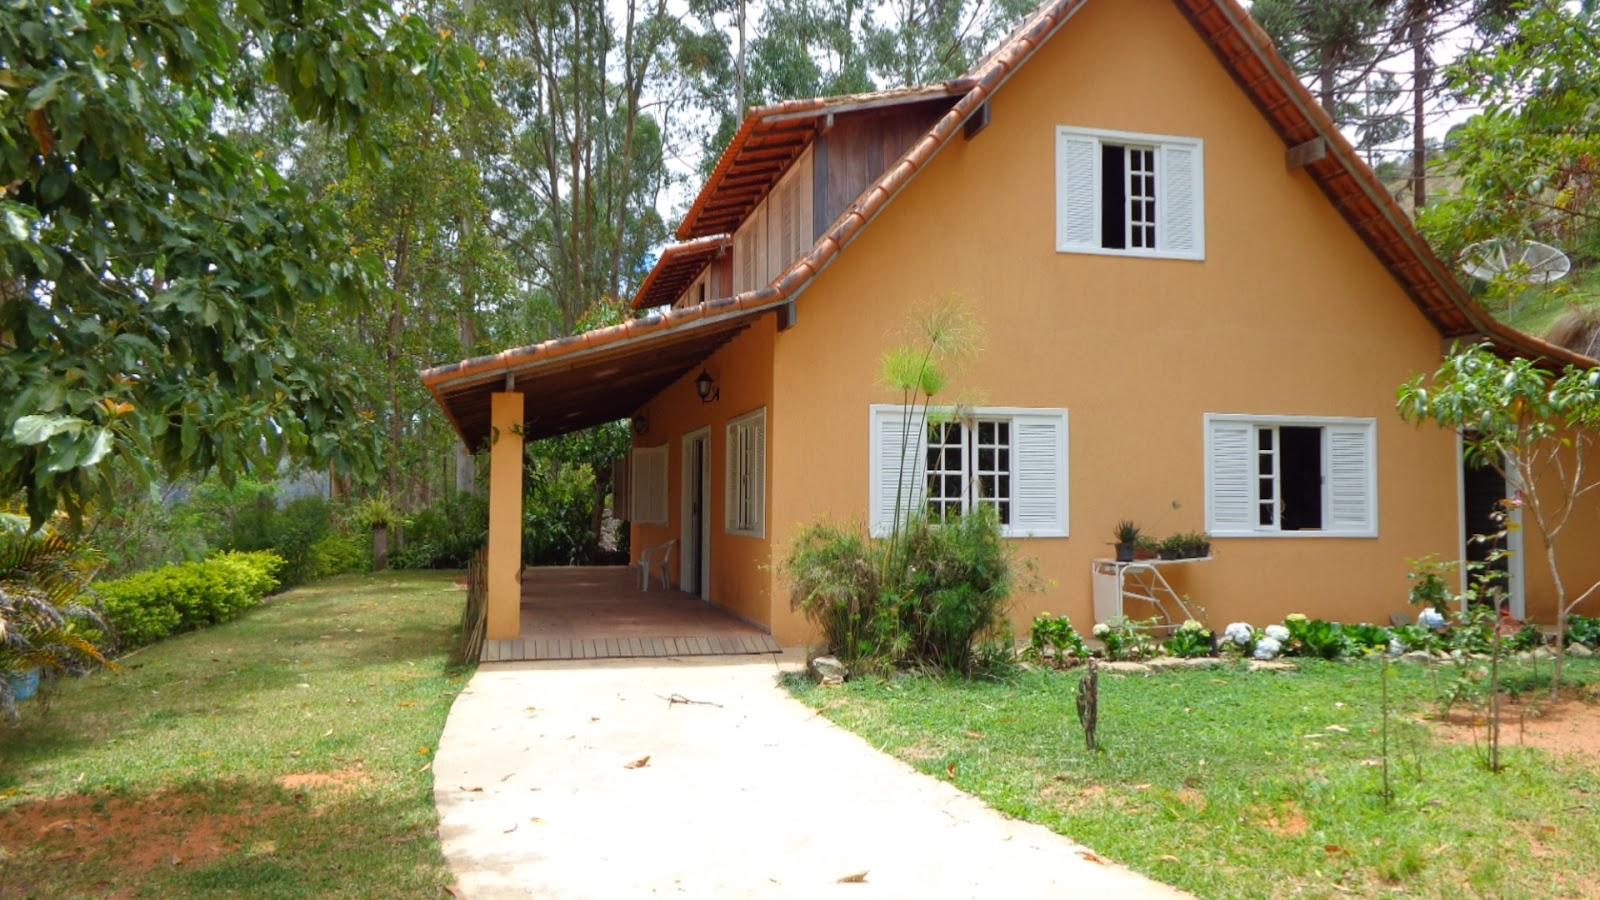 Imagens de #6D4123 Imóveis à venda Petrópolis: SITIO PETRÓPOLIS – POSSE BREJAL 1600x900 px 3556 Blindex Banheiro Bh